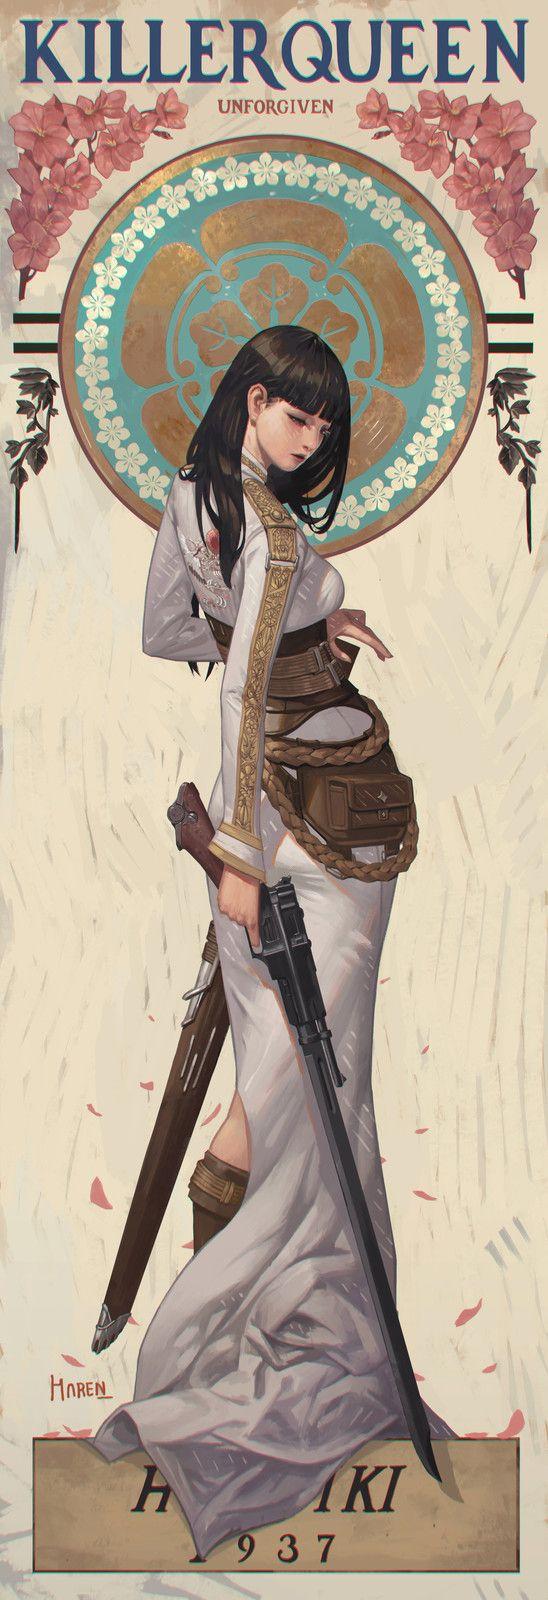 Study - Japanese Pattern + Sukajan Jumper + Kimono, Kim Han seul (aka Haren) on ArtStation at https://www.artstation.com/artwork/OJzzv